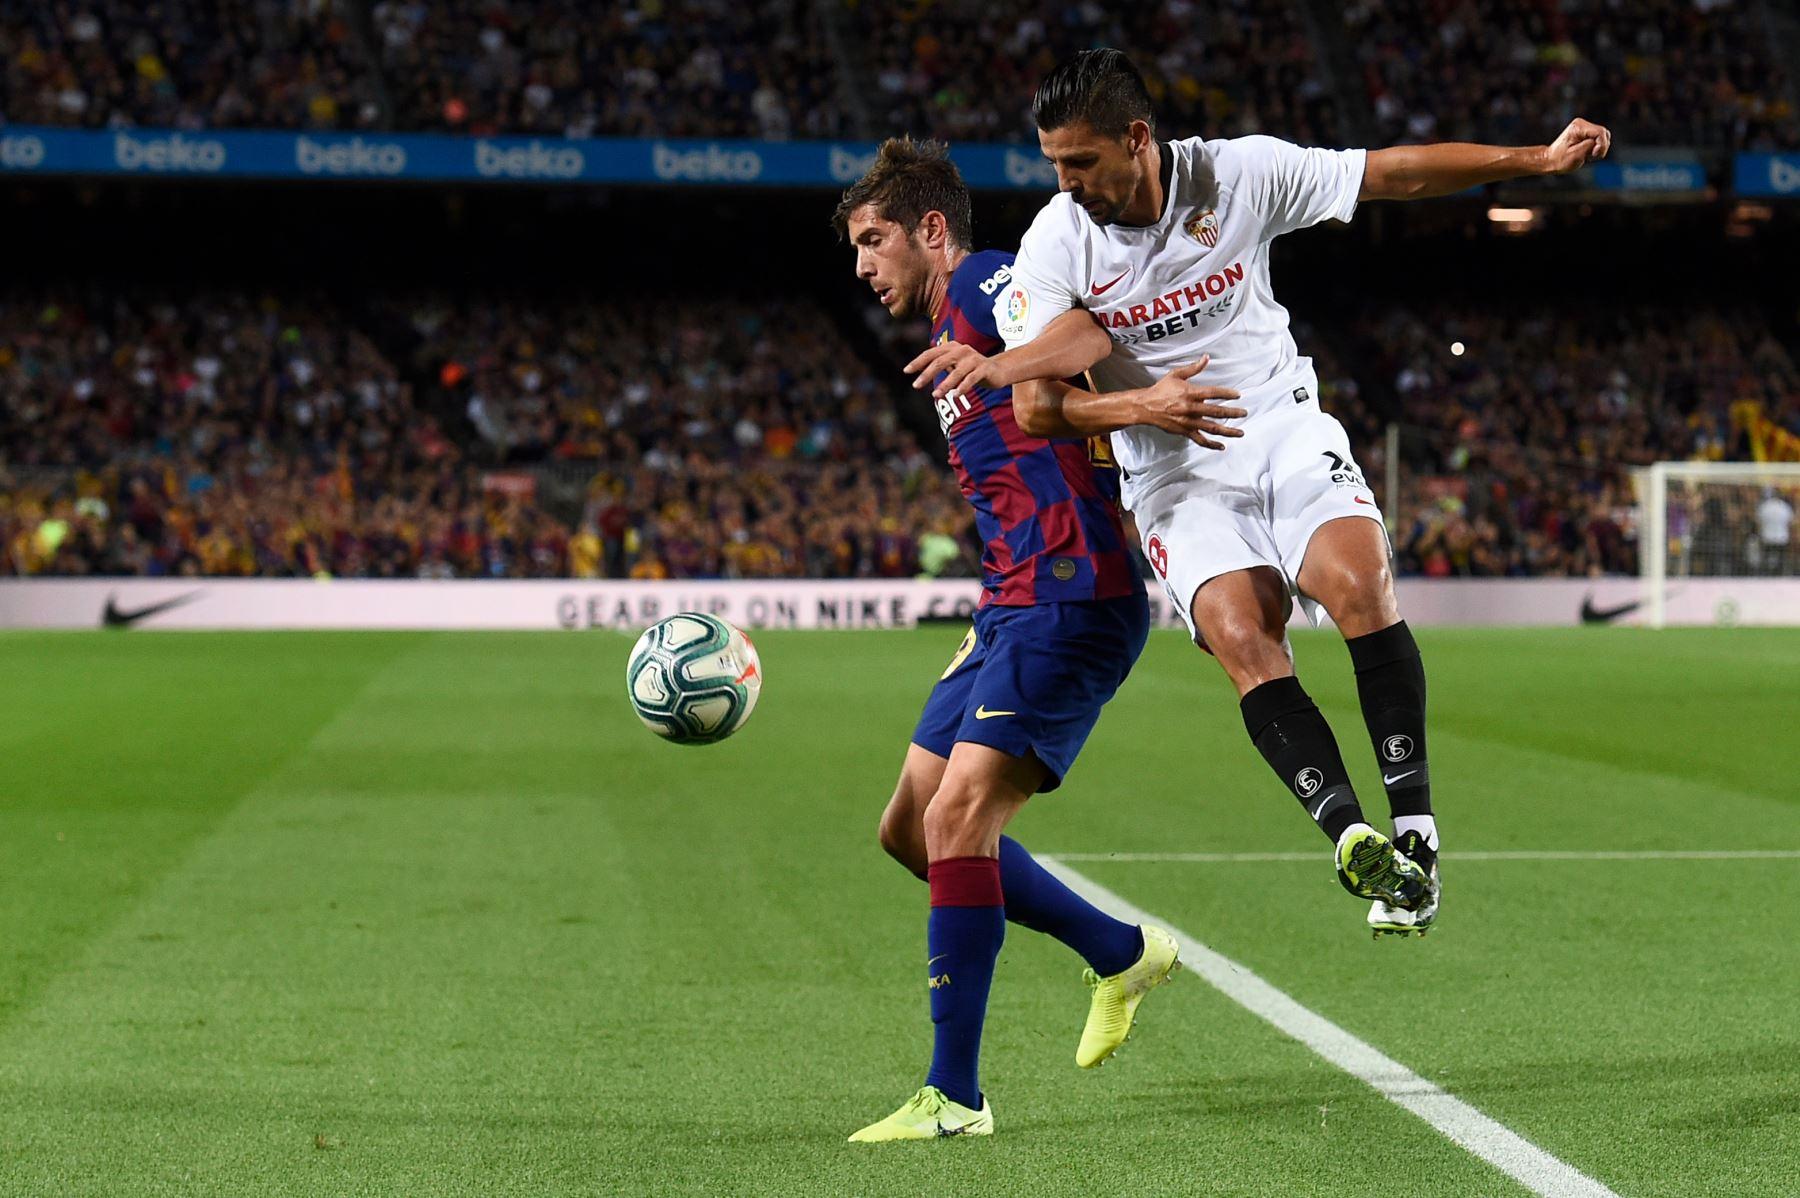 El defensor español de Barcelona Sergi Roberto desputa el balón contra el delantero español